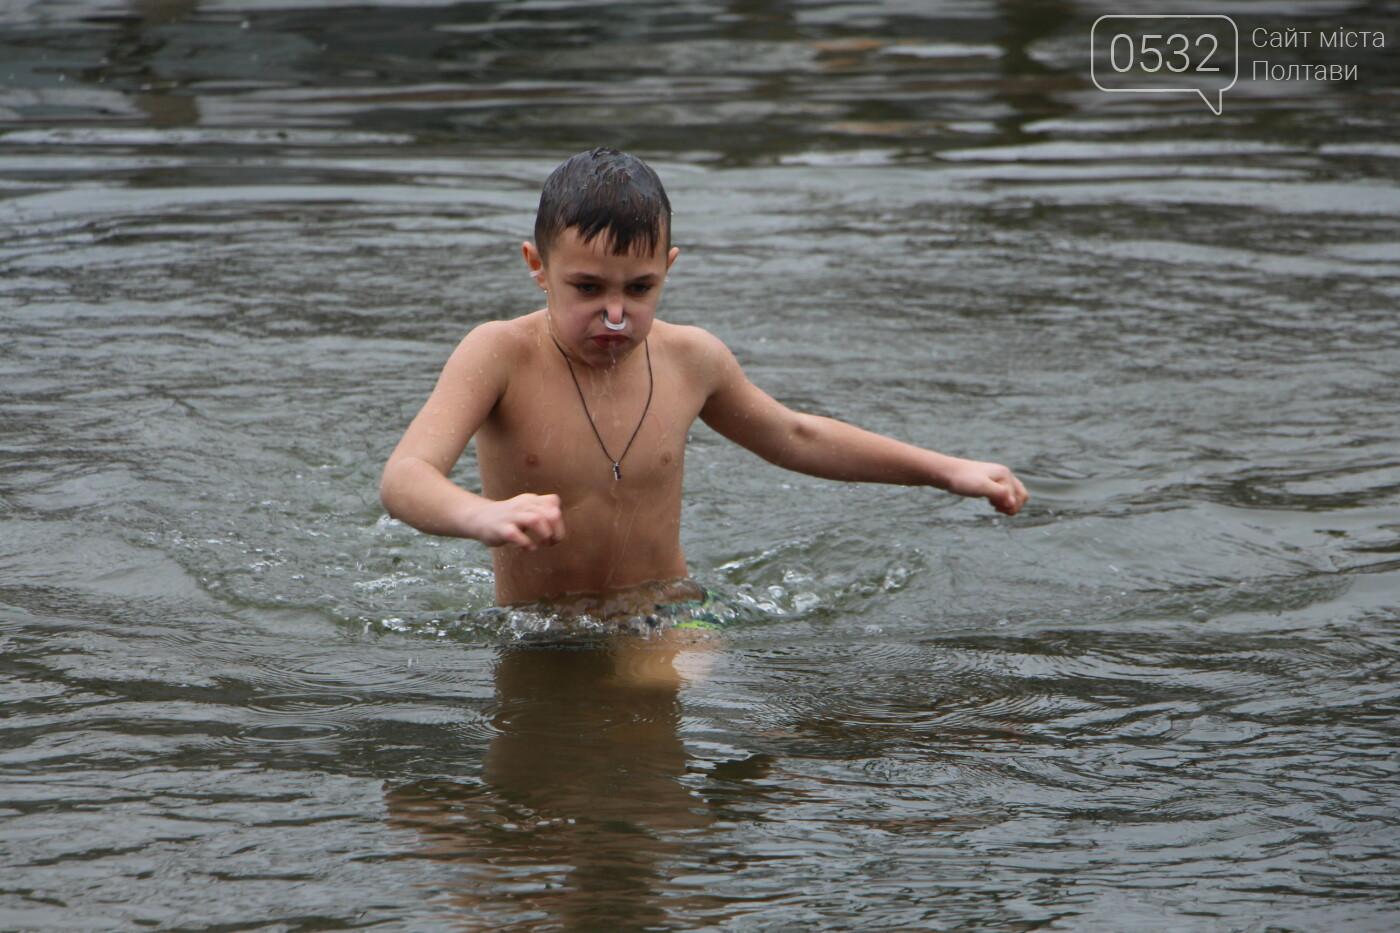 У Полтаві сотні містян на Водохреще прийшли скупатися на першому пляжі (ФОТО), фото-8